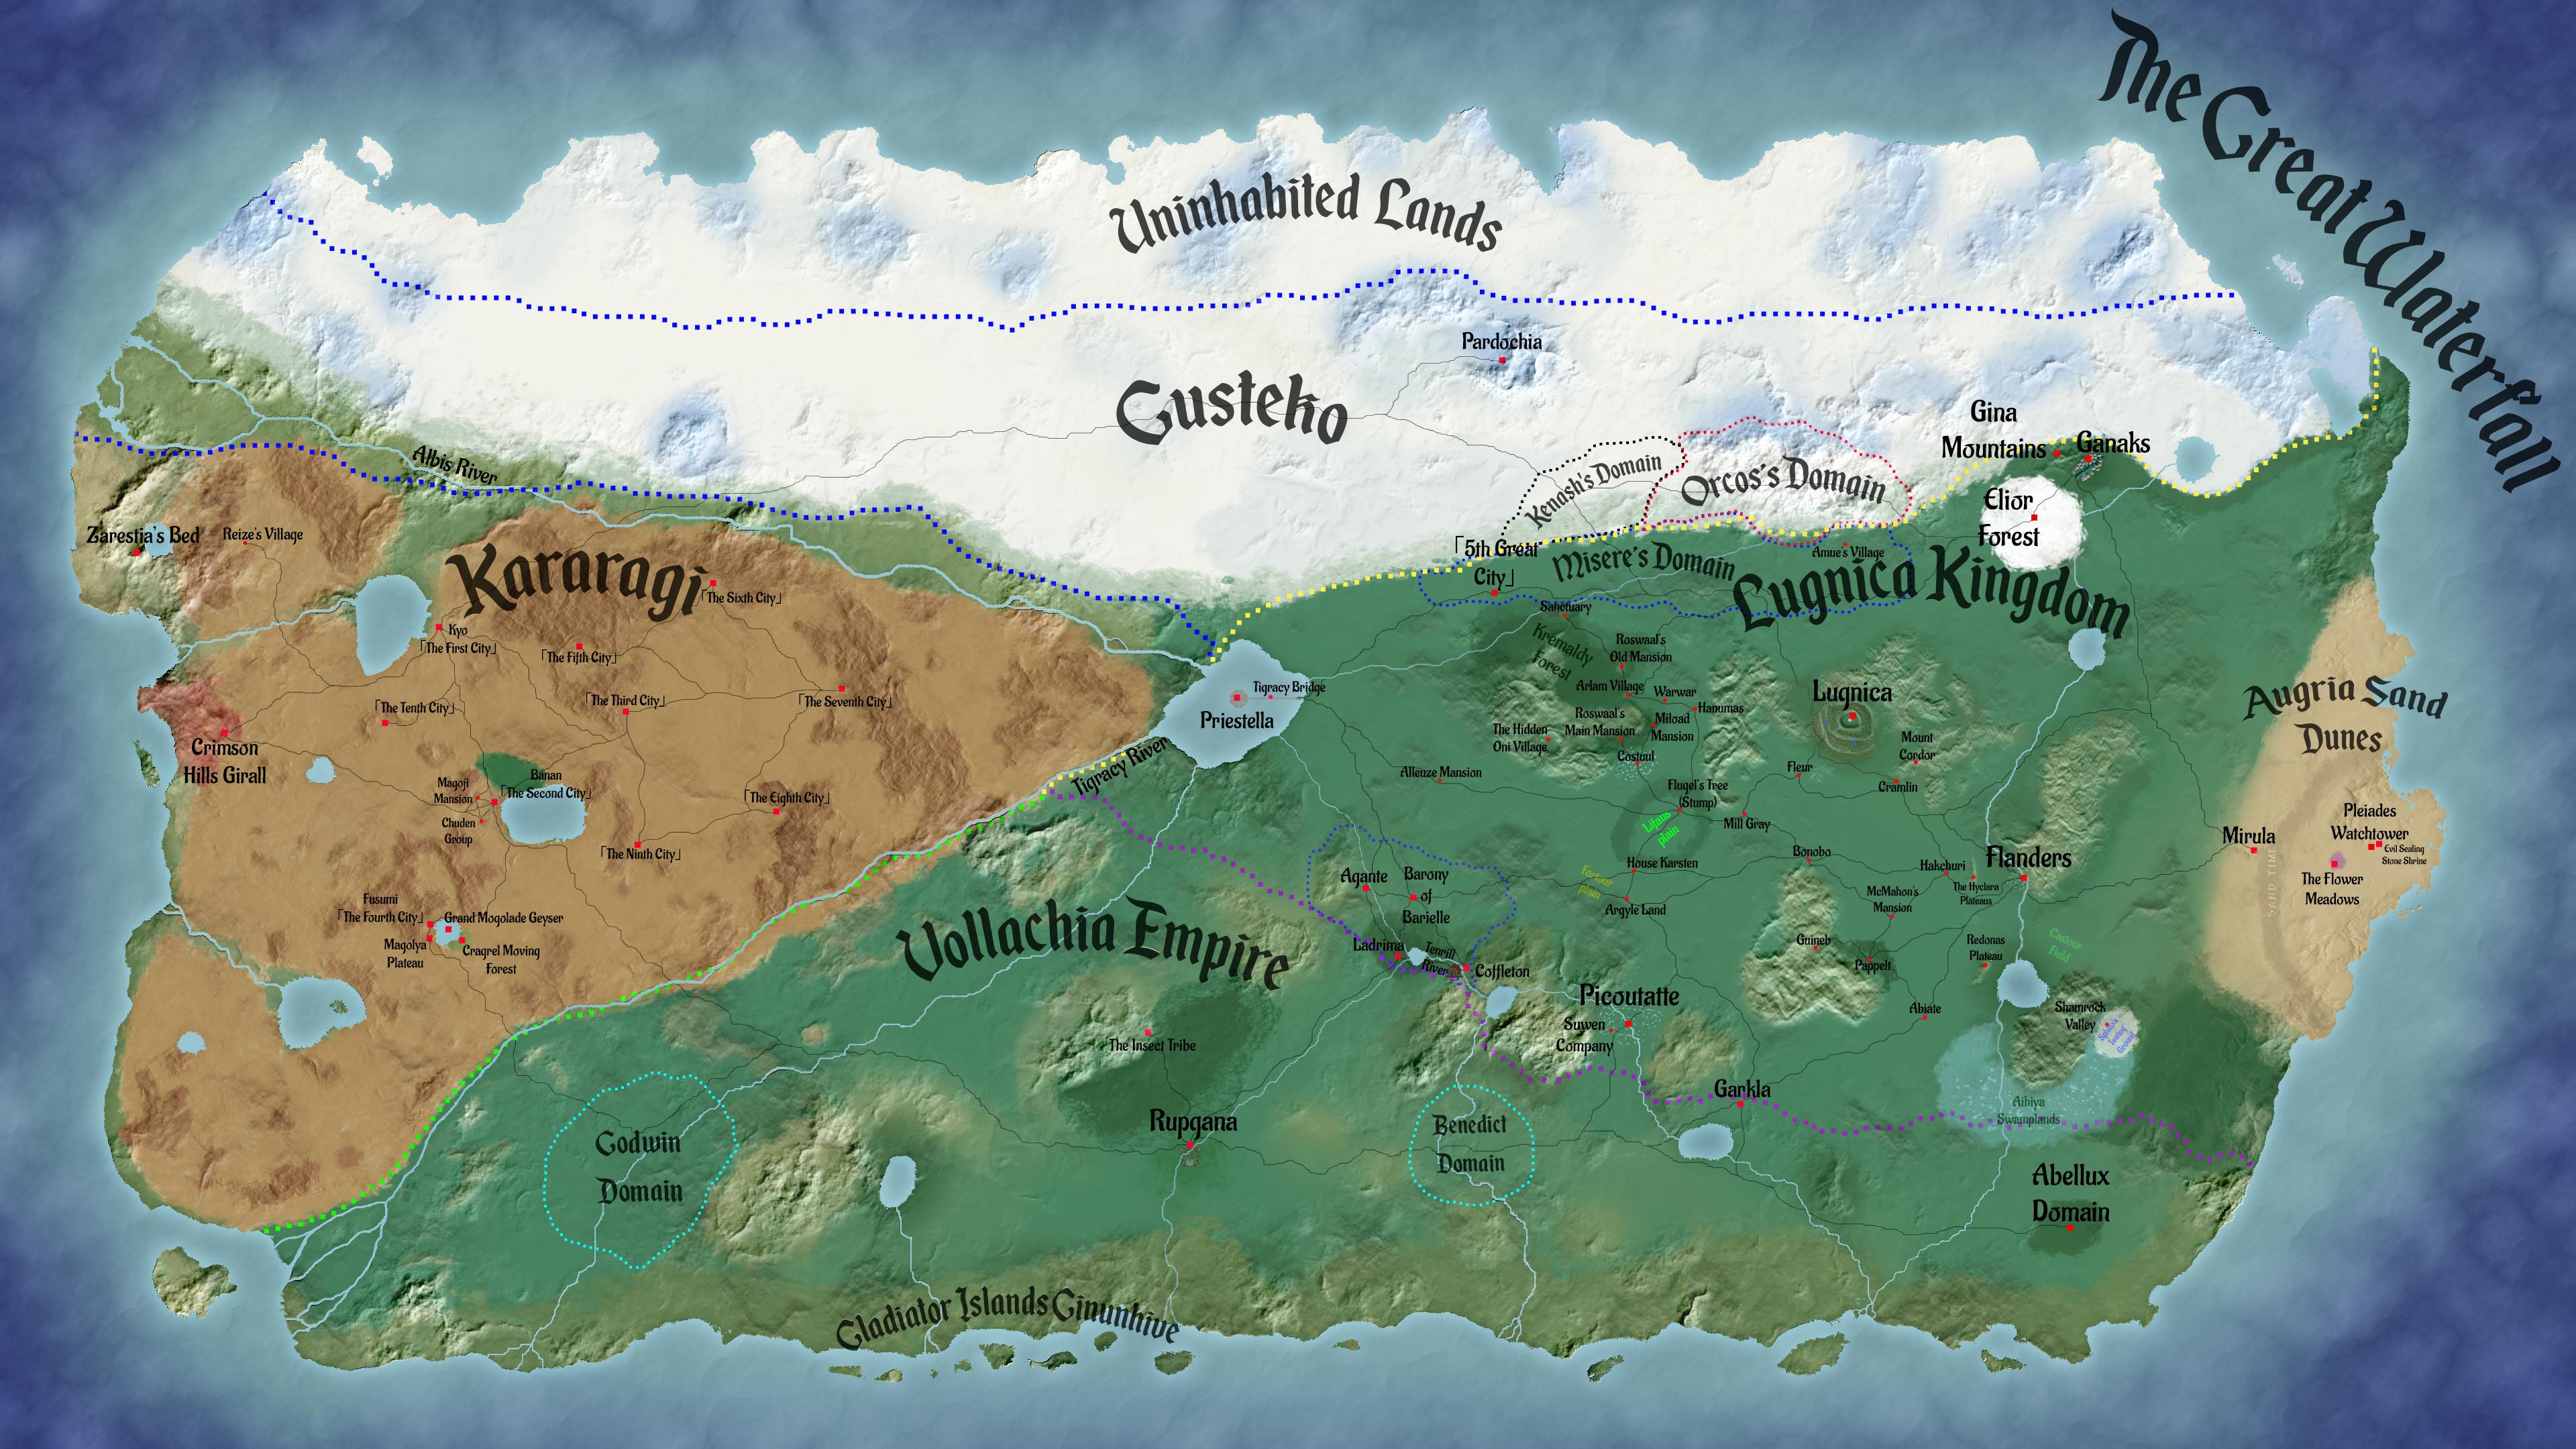 World_Map1.0 by u/Y_Alruqaishi